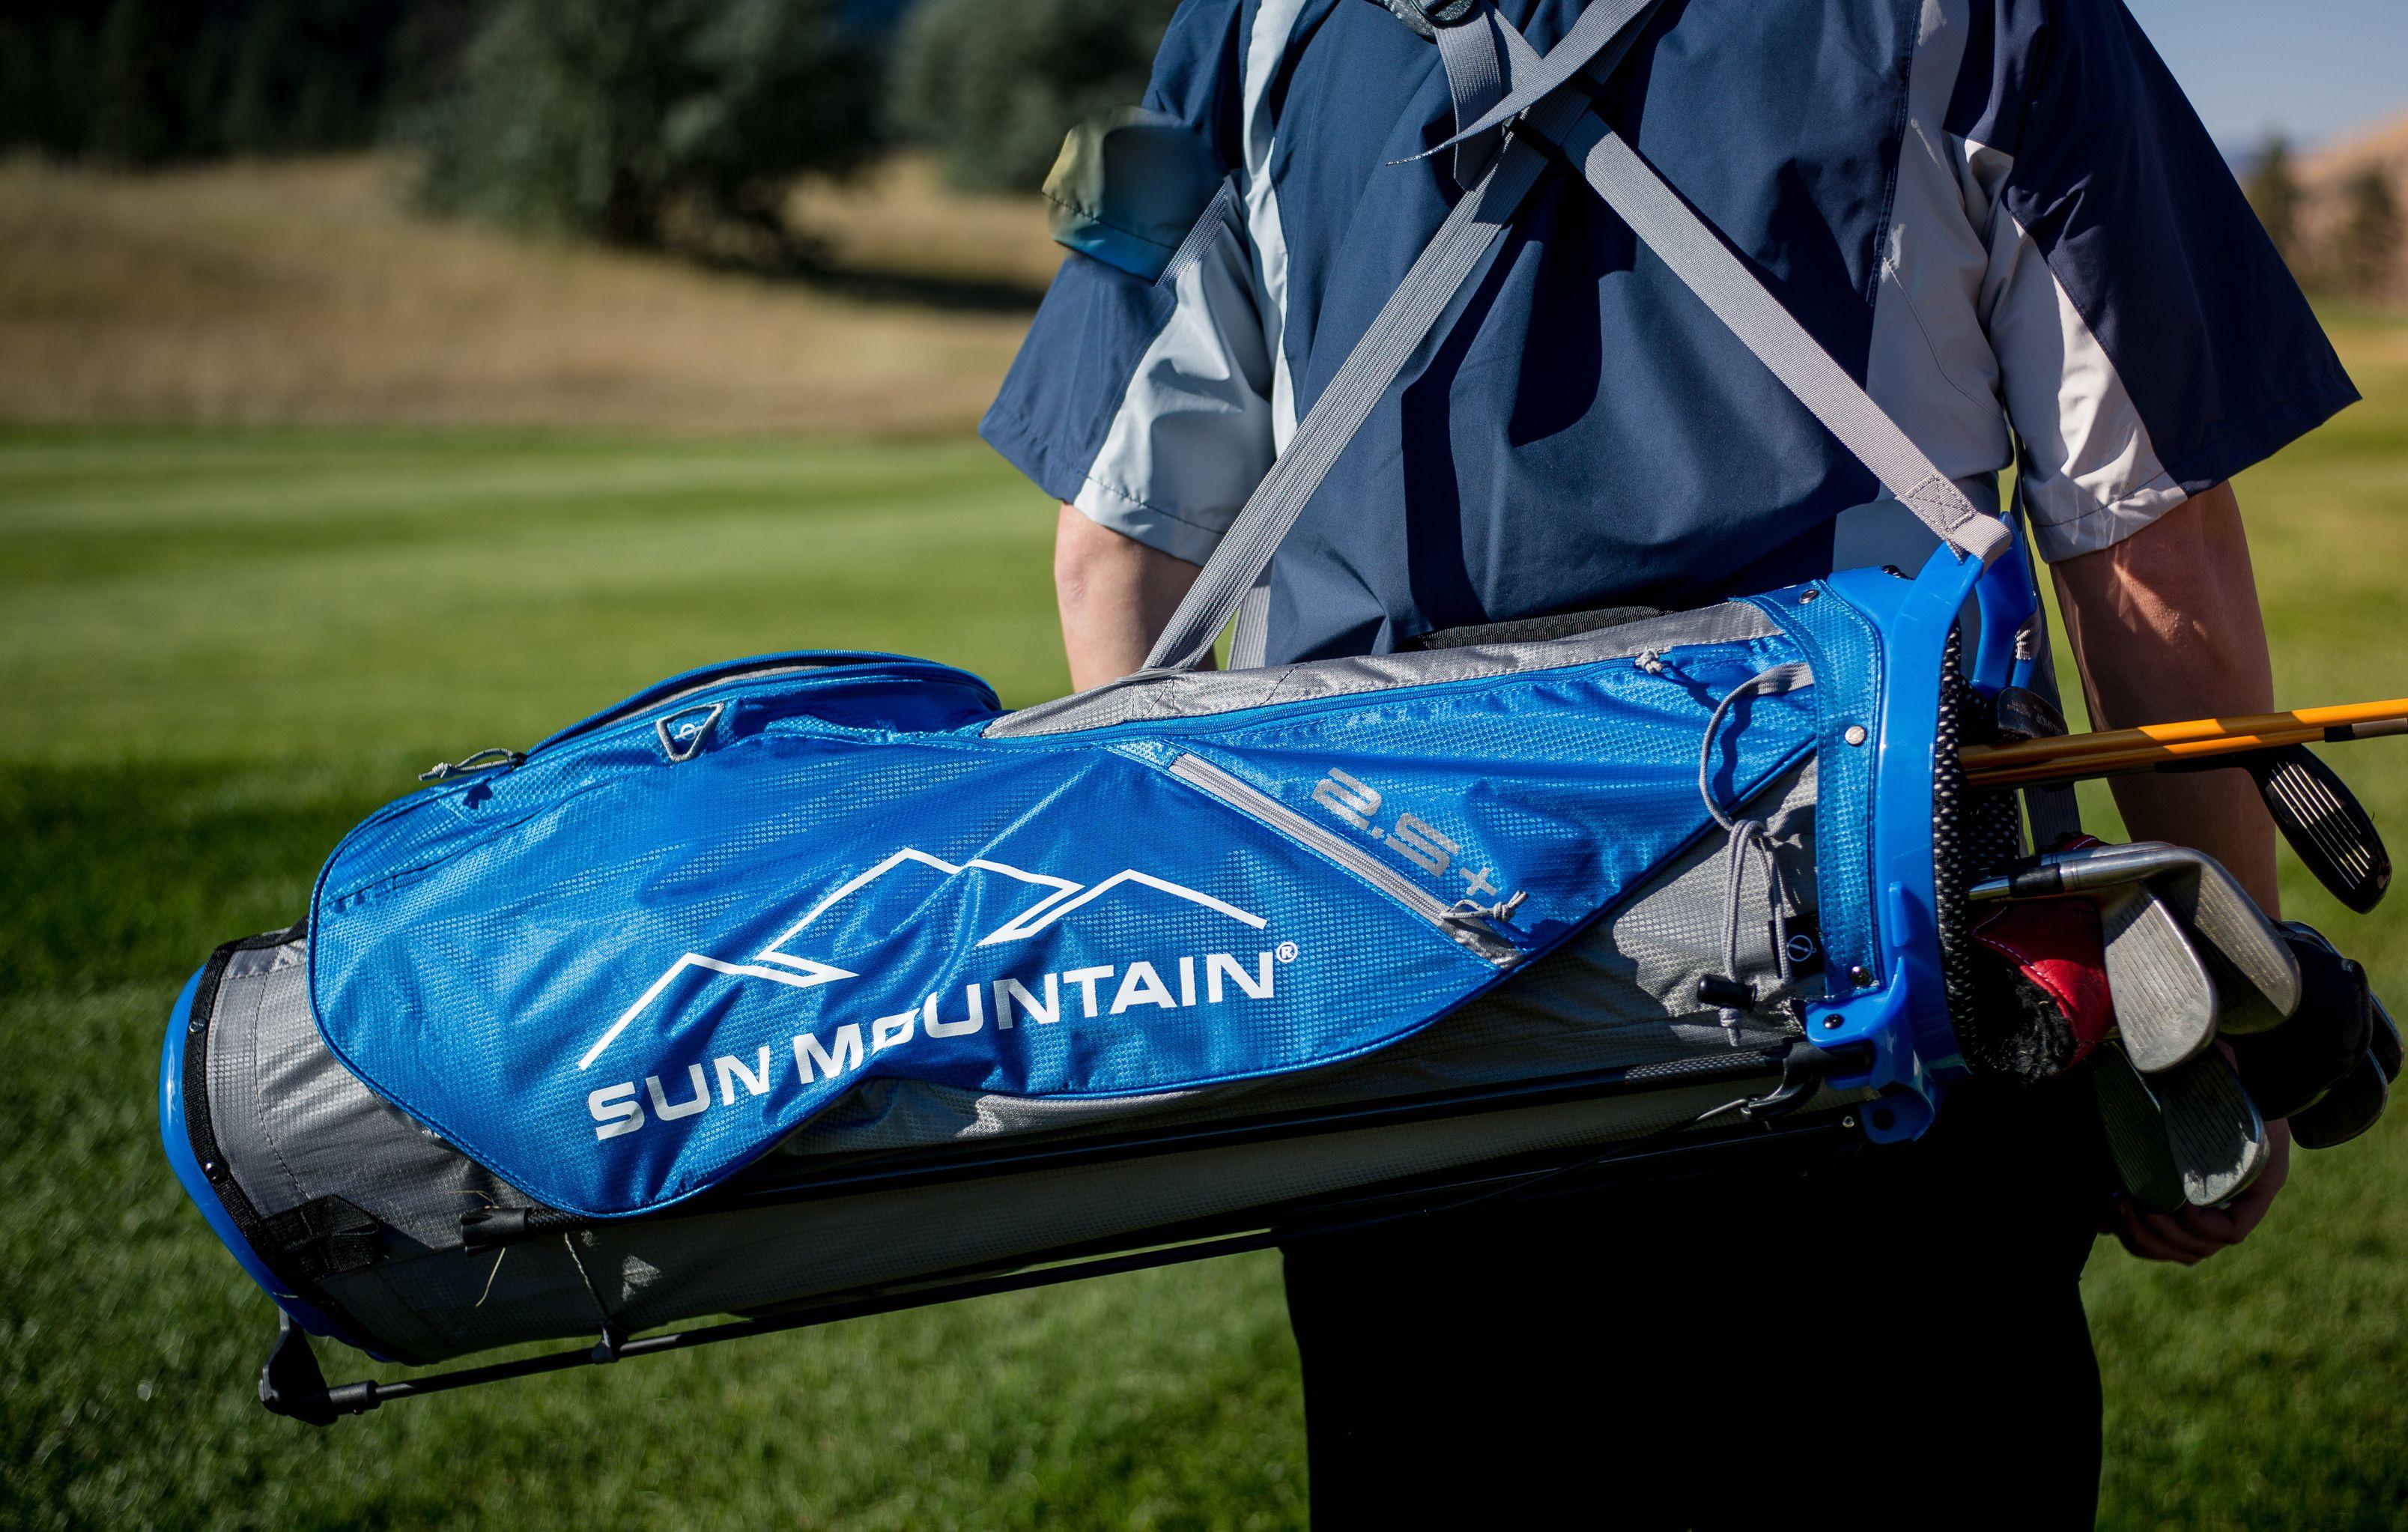 2 5 Golf Bag Mens Stand Carry Golf Bags Best Seller 2018 Golf Digest Editors Choice Lightweight Ultra Lightweight Stand B Bags Fun Bags Golf Stand Bags